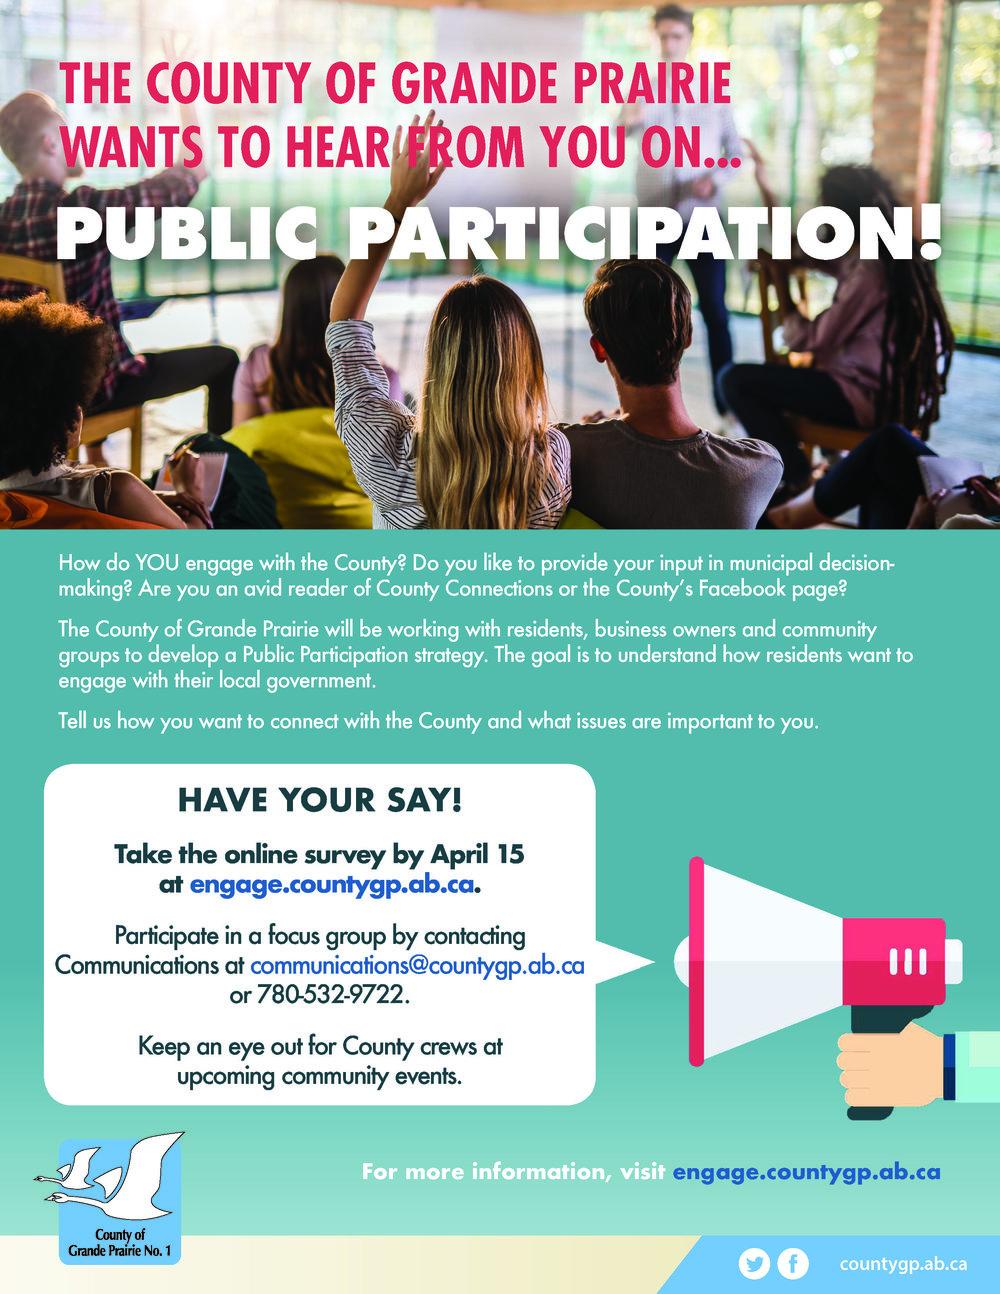 Public_Participation_external.jpg